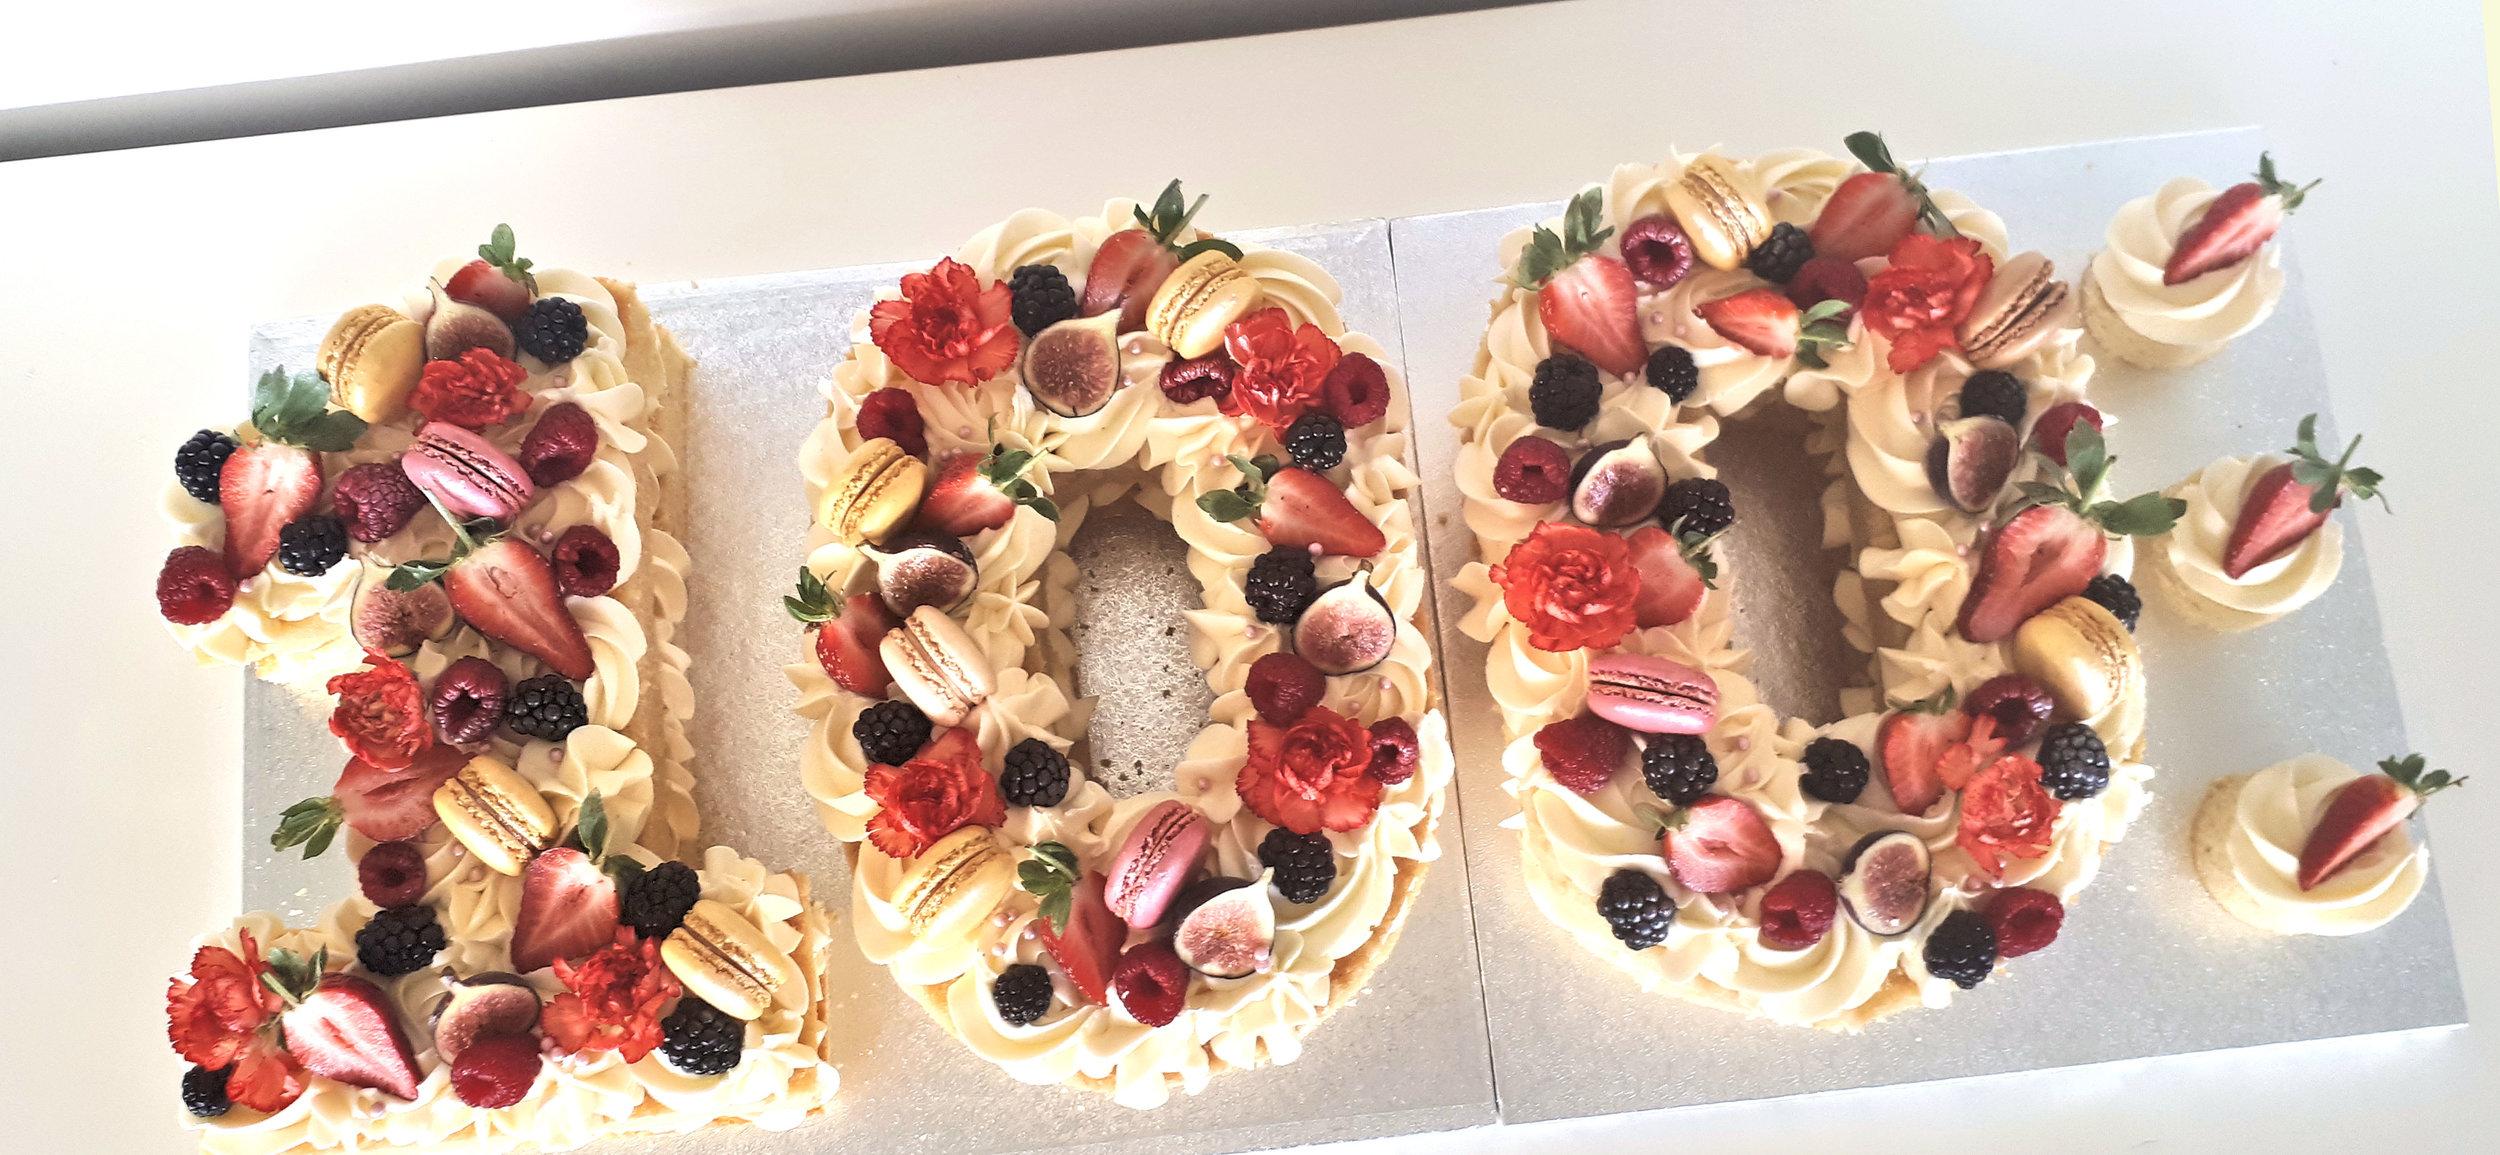 100th birthday naked number cake.jpg